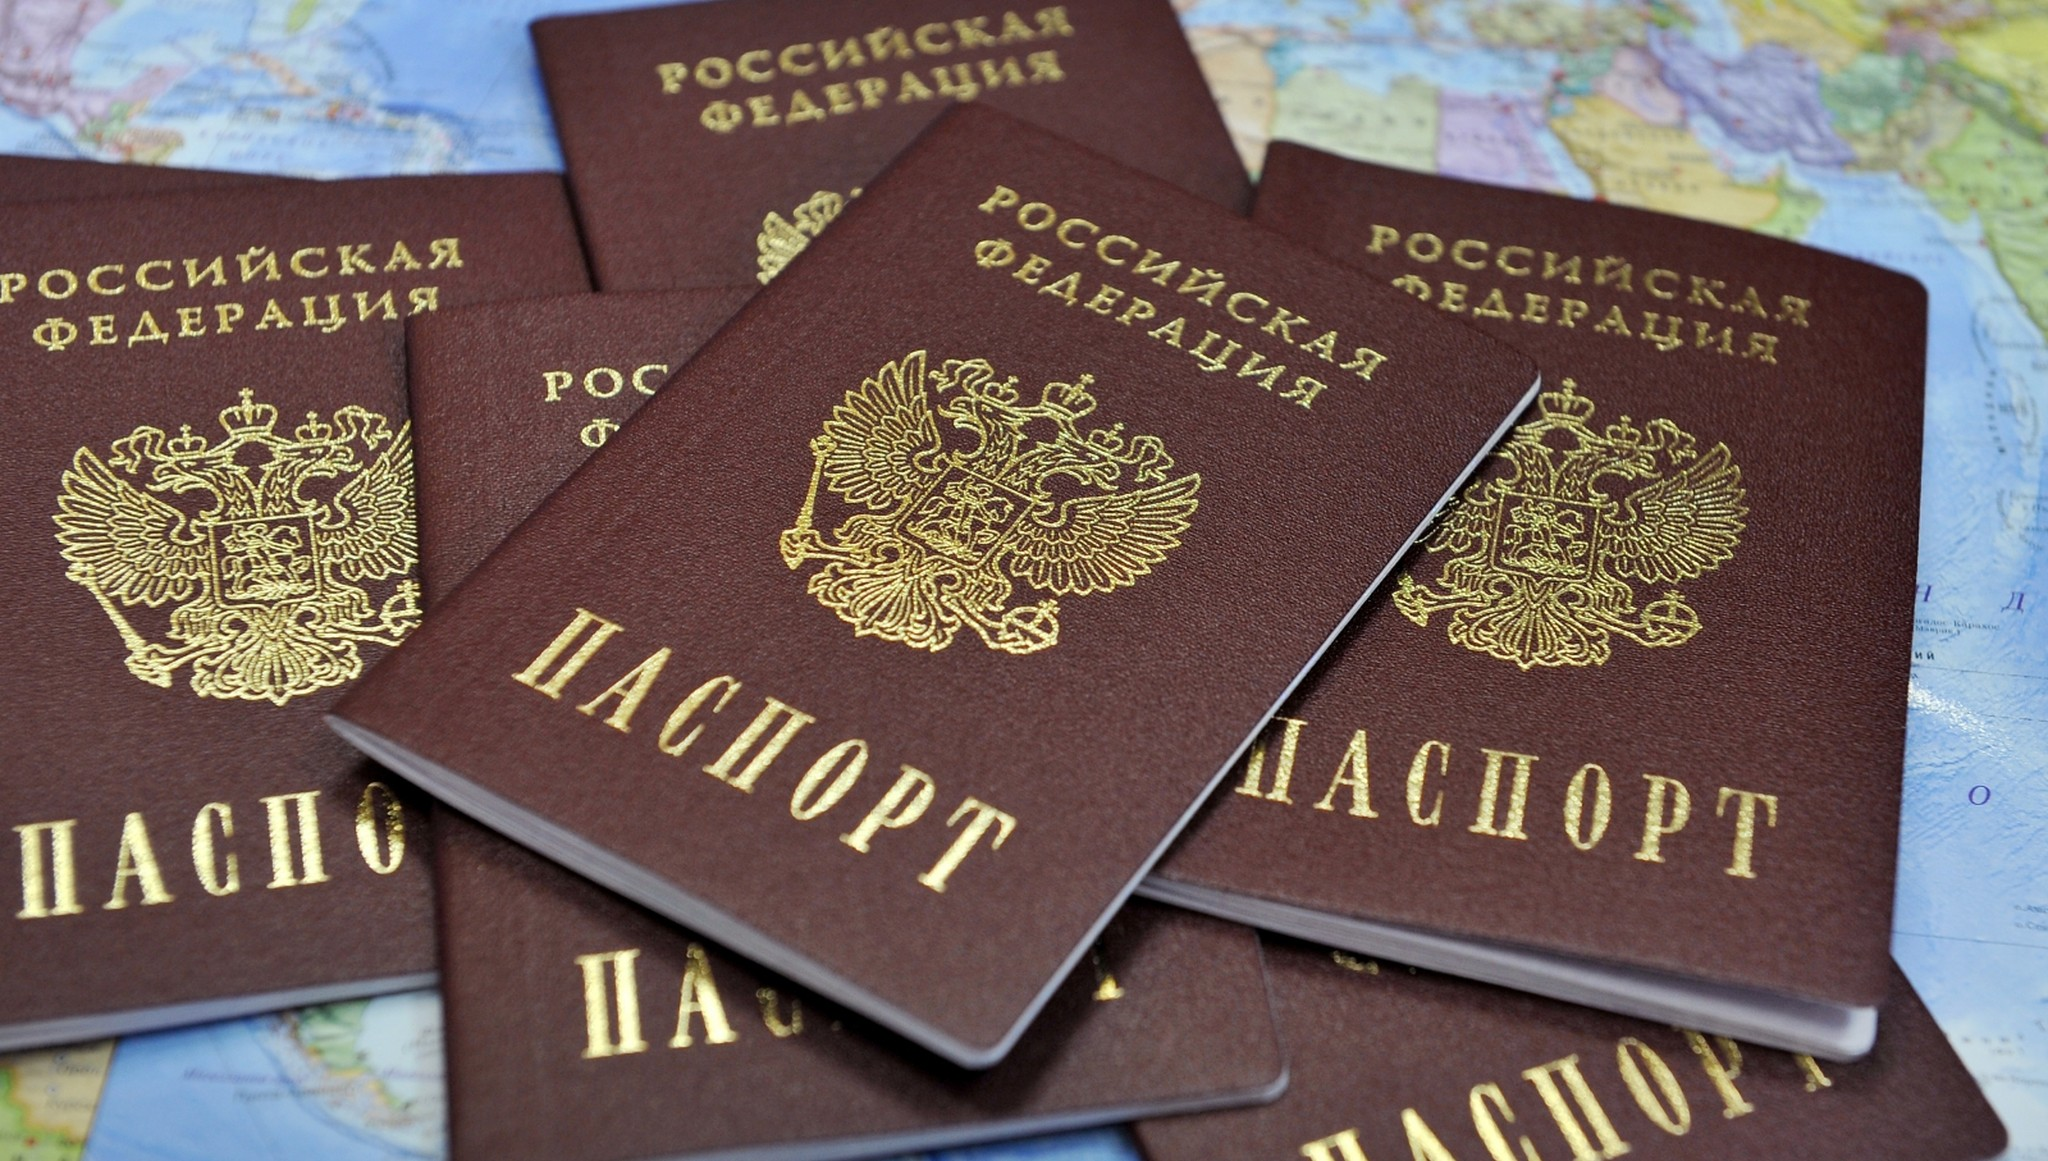 Россиянам рассказали, что изменилось в процедуре получения паспорта